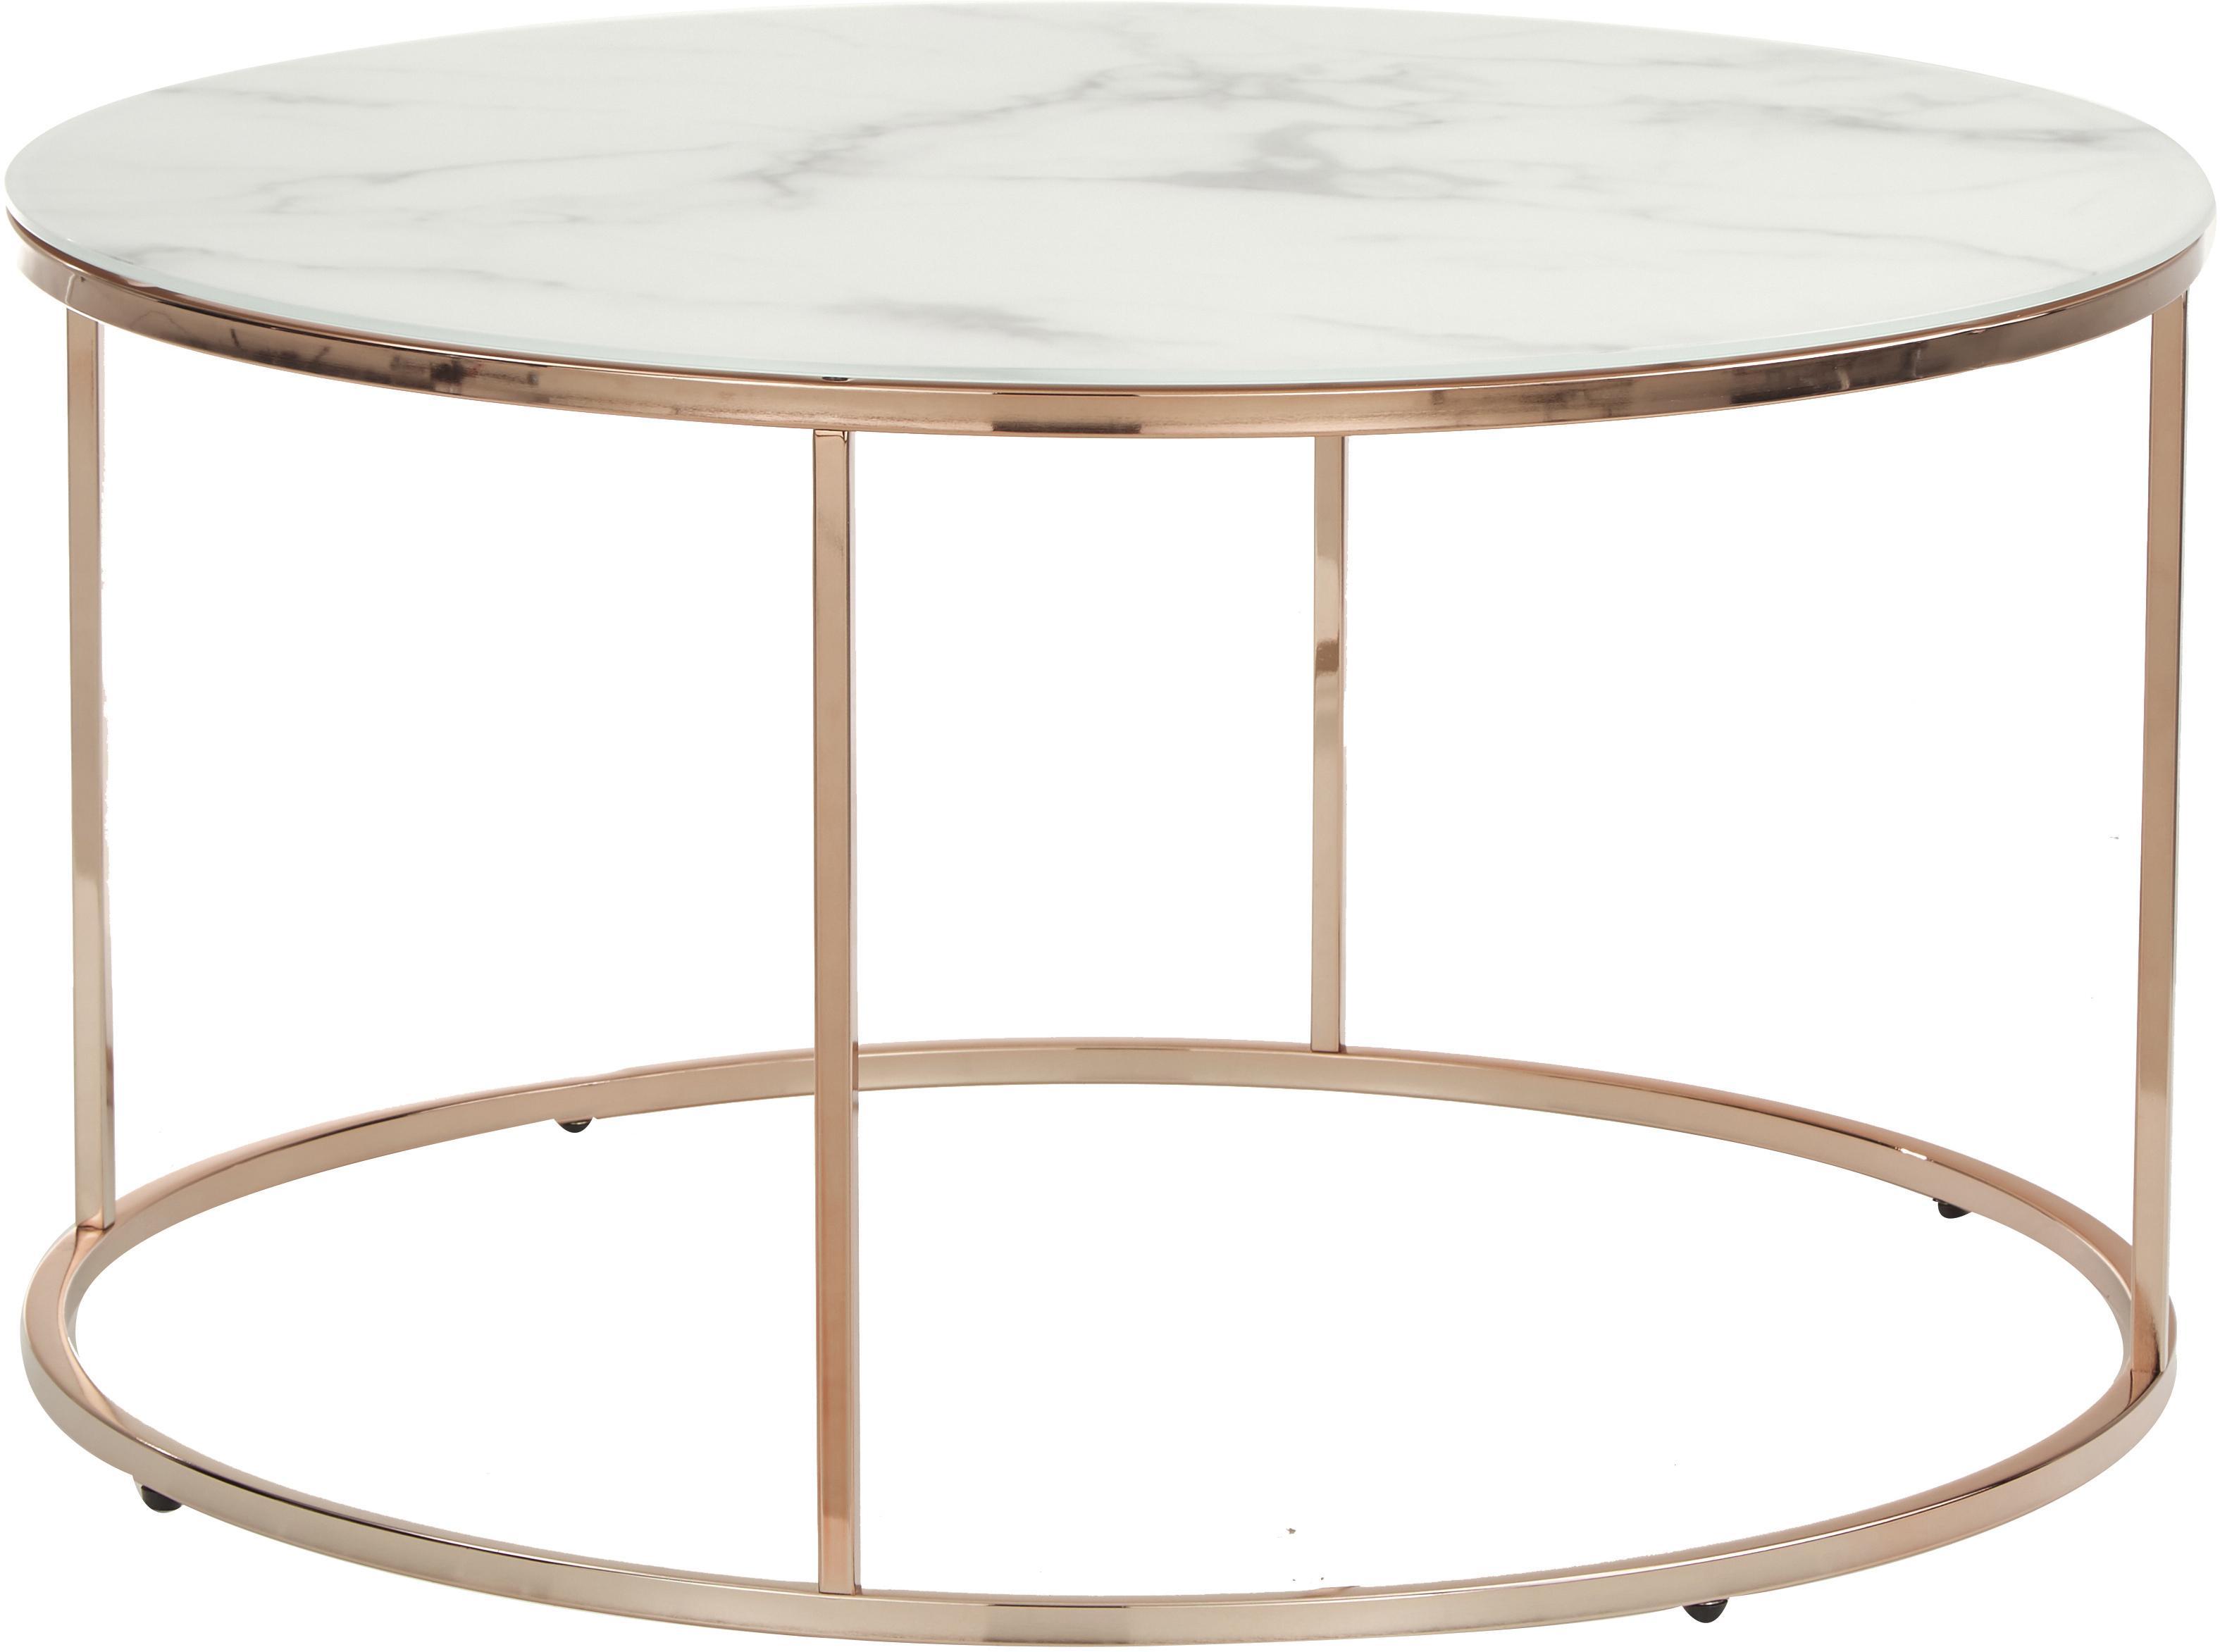 Mesa de centro Antigua, tablero de cristal en aspecto mármol, Tablero: vidrio estampado con aspe, Estructura: acero, latón, Blanco grisaceo veteado, rosa dorado, Ø 80 x Al 45 cm